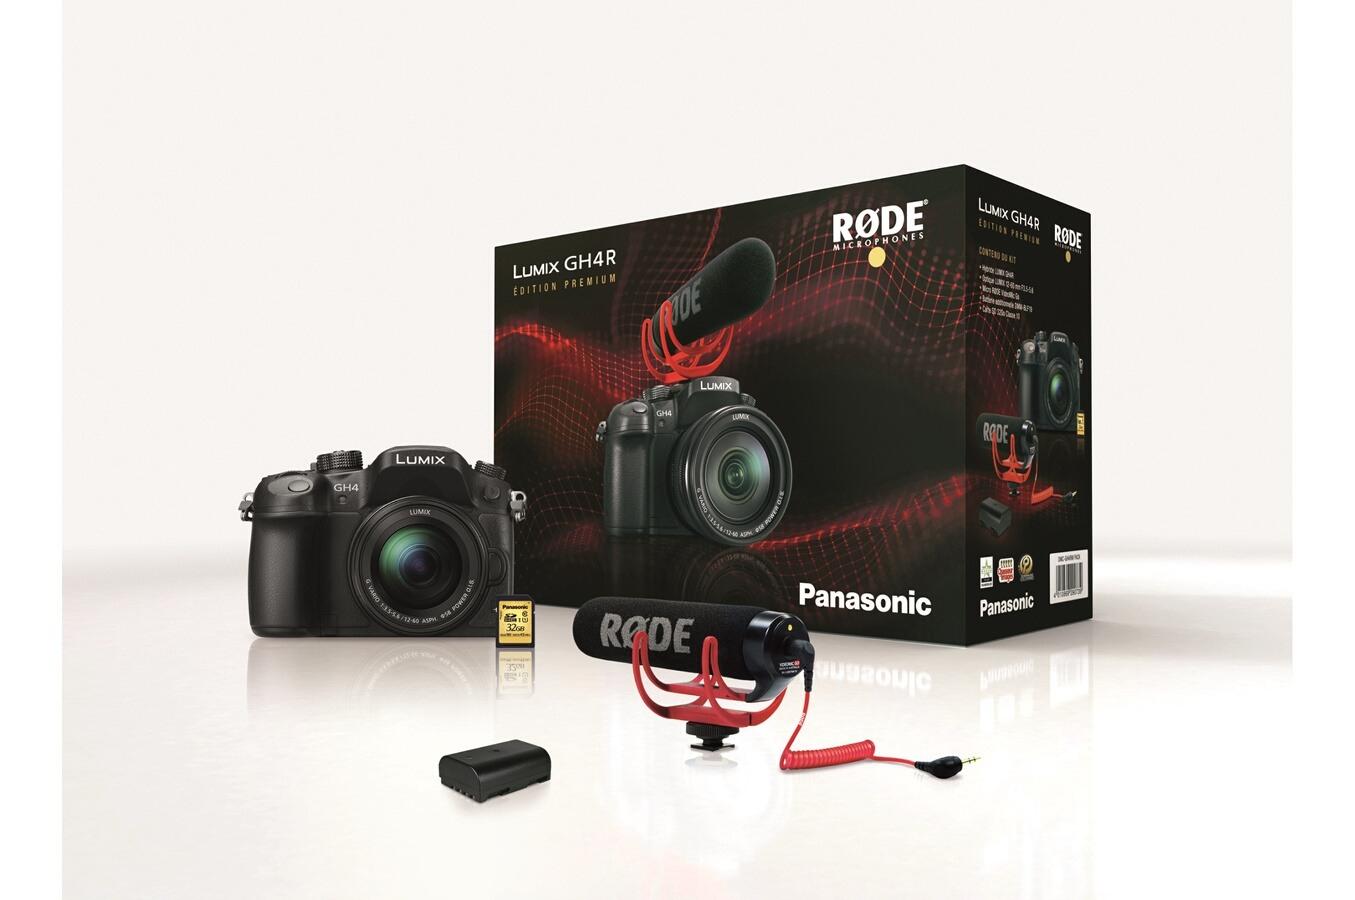 [Adhérents] Appareil photo Panasonic GH4R, Objectif Lumix 12-60 mm F3.5-5.6, Rode VideoMic Go, Batt. supp, SD 32 Go (+90€ sur votre compte)